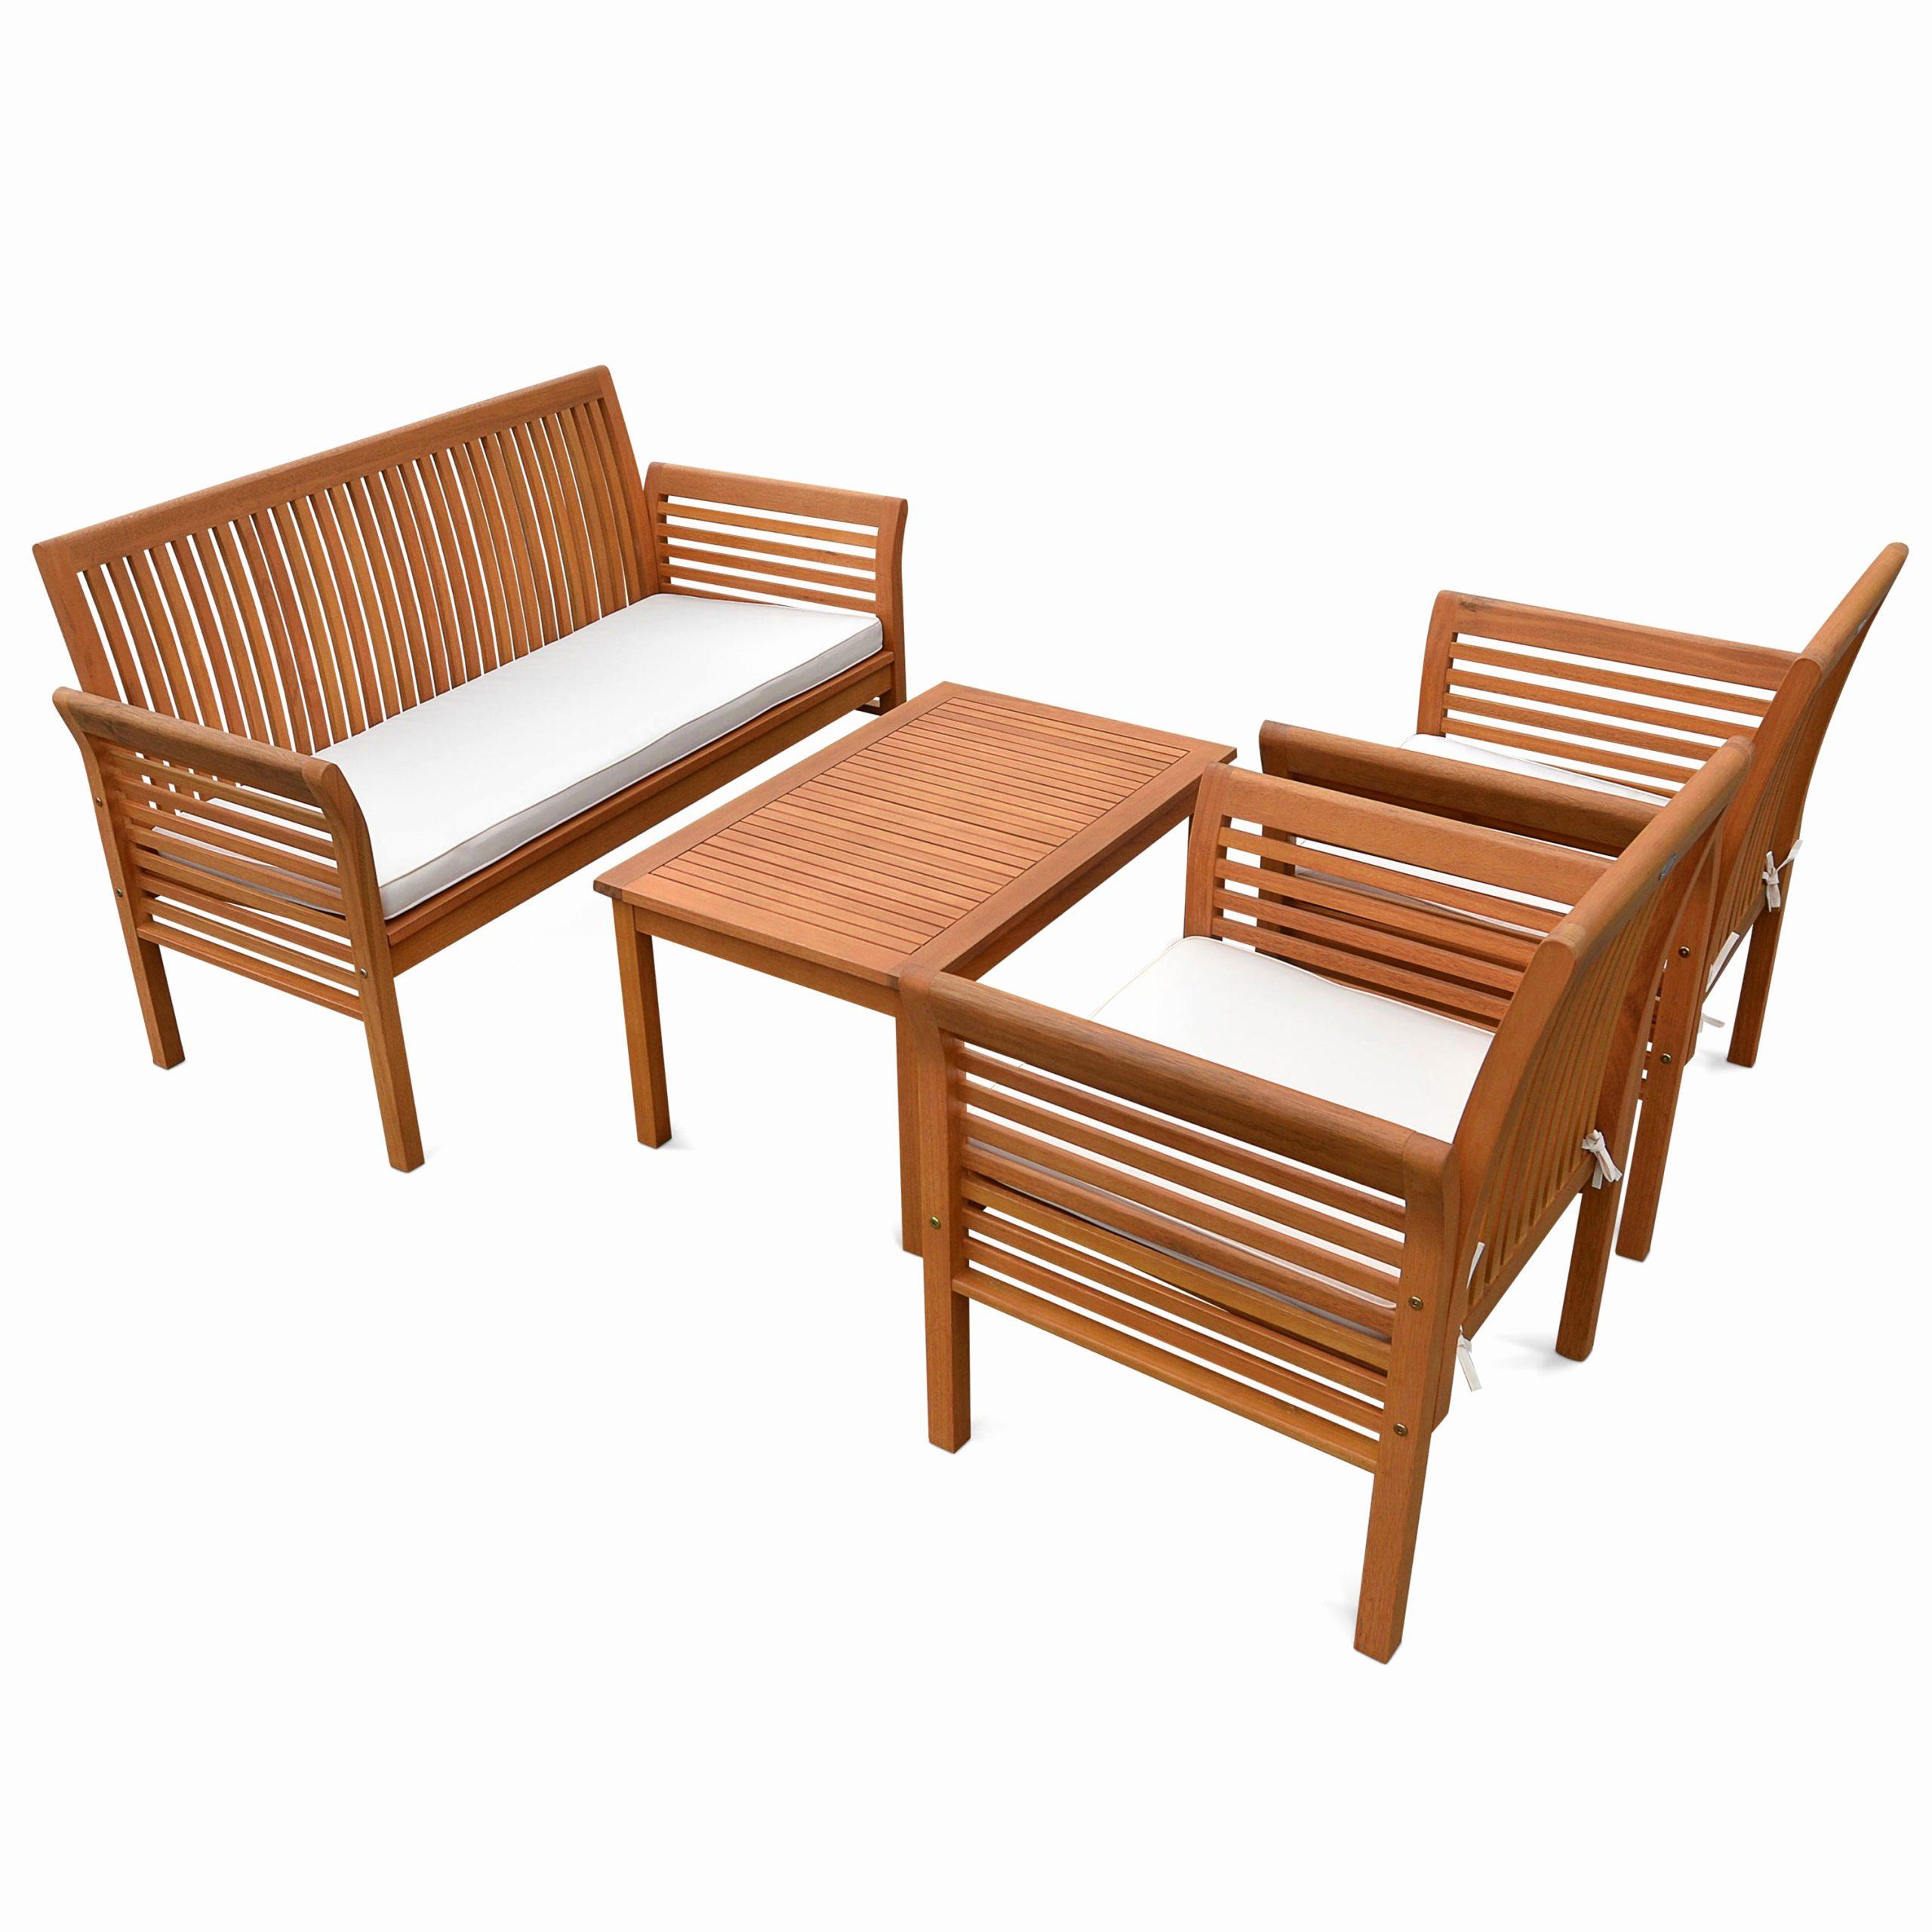 Pied De Table Reglable Mr Bricolage Source D'inspiration ... dedans Salon De Jardin Monsieur Bricolage